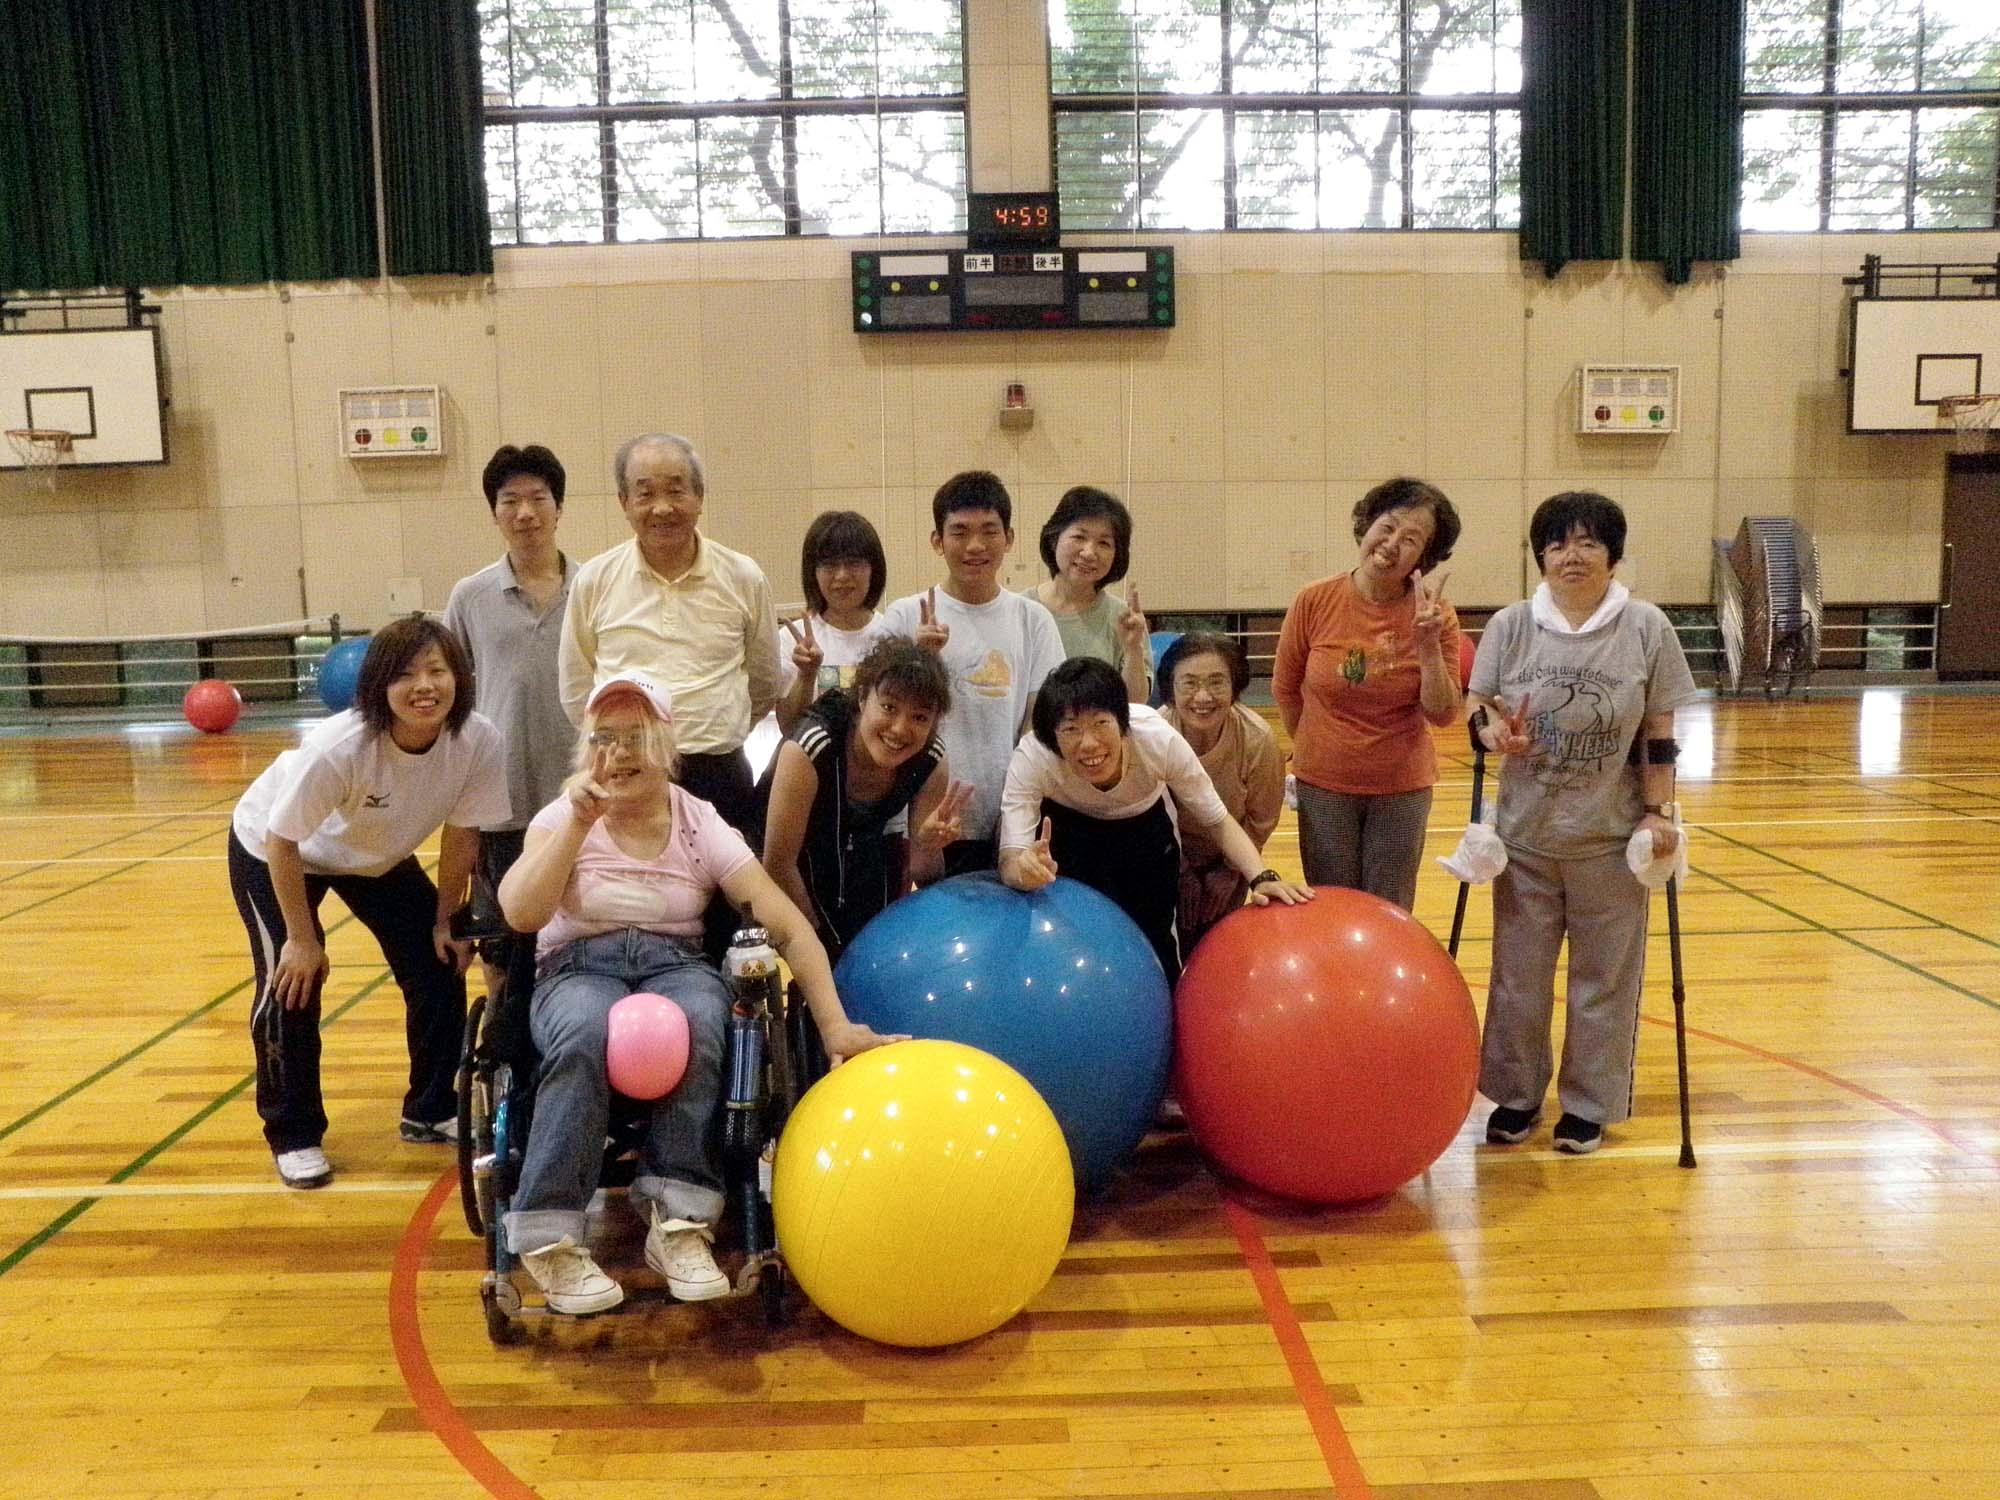 P5180096 - バランスボール教室より ・・・八木先生と楽しく行っています。